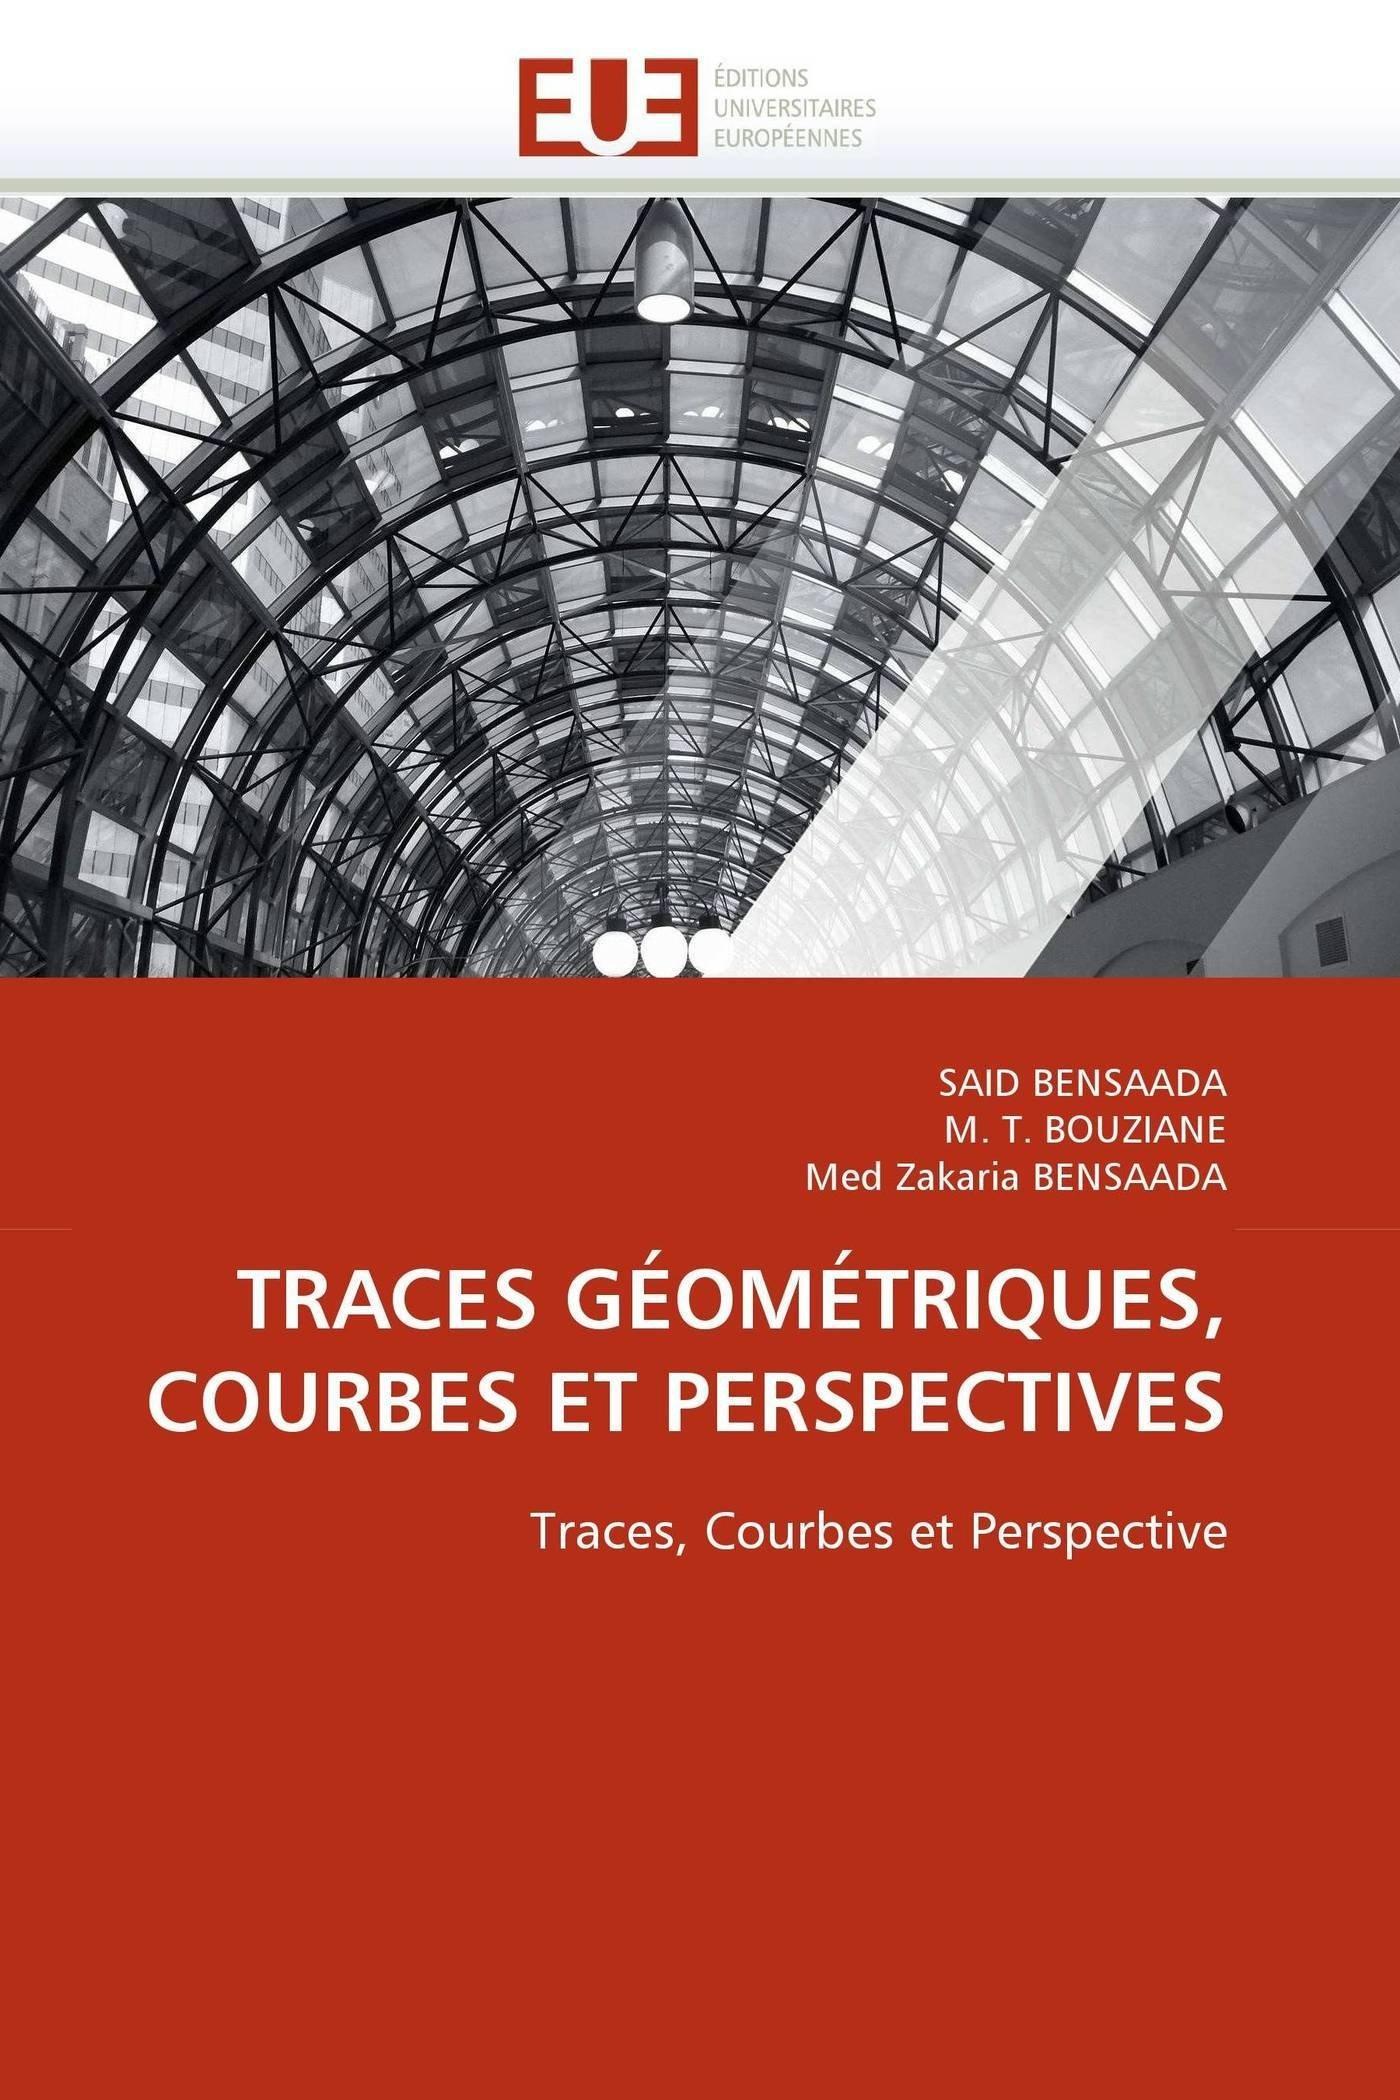 Traces géométriques, courbes et perspectives Broché – 4 janvier 2011 SAID BENSAADA M. T. BOUZIANE Med Zakaria BENSAADA Univ Européenne